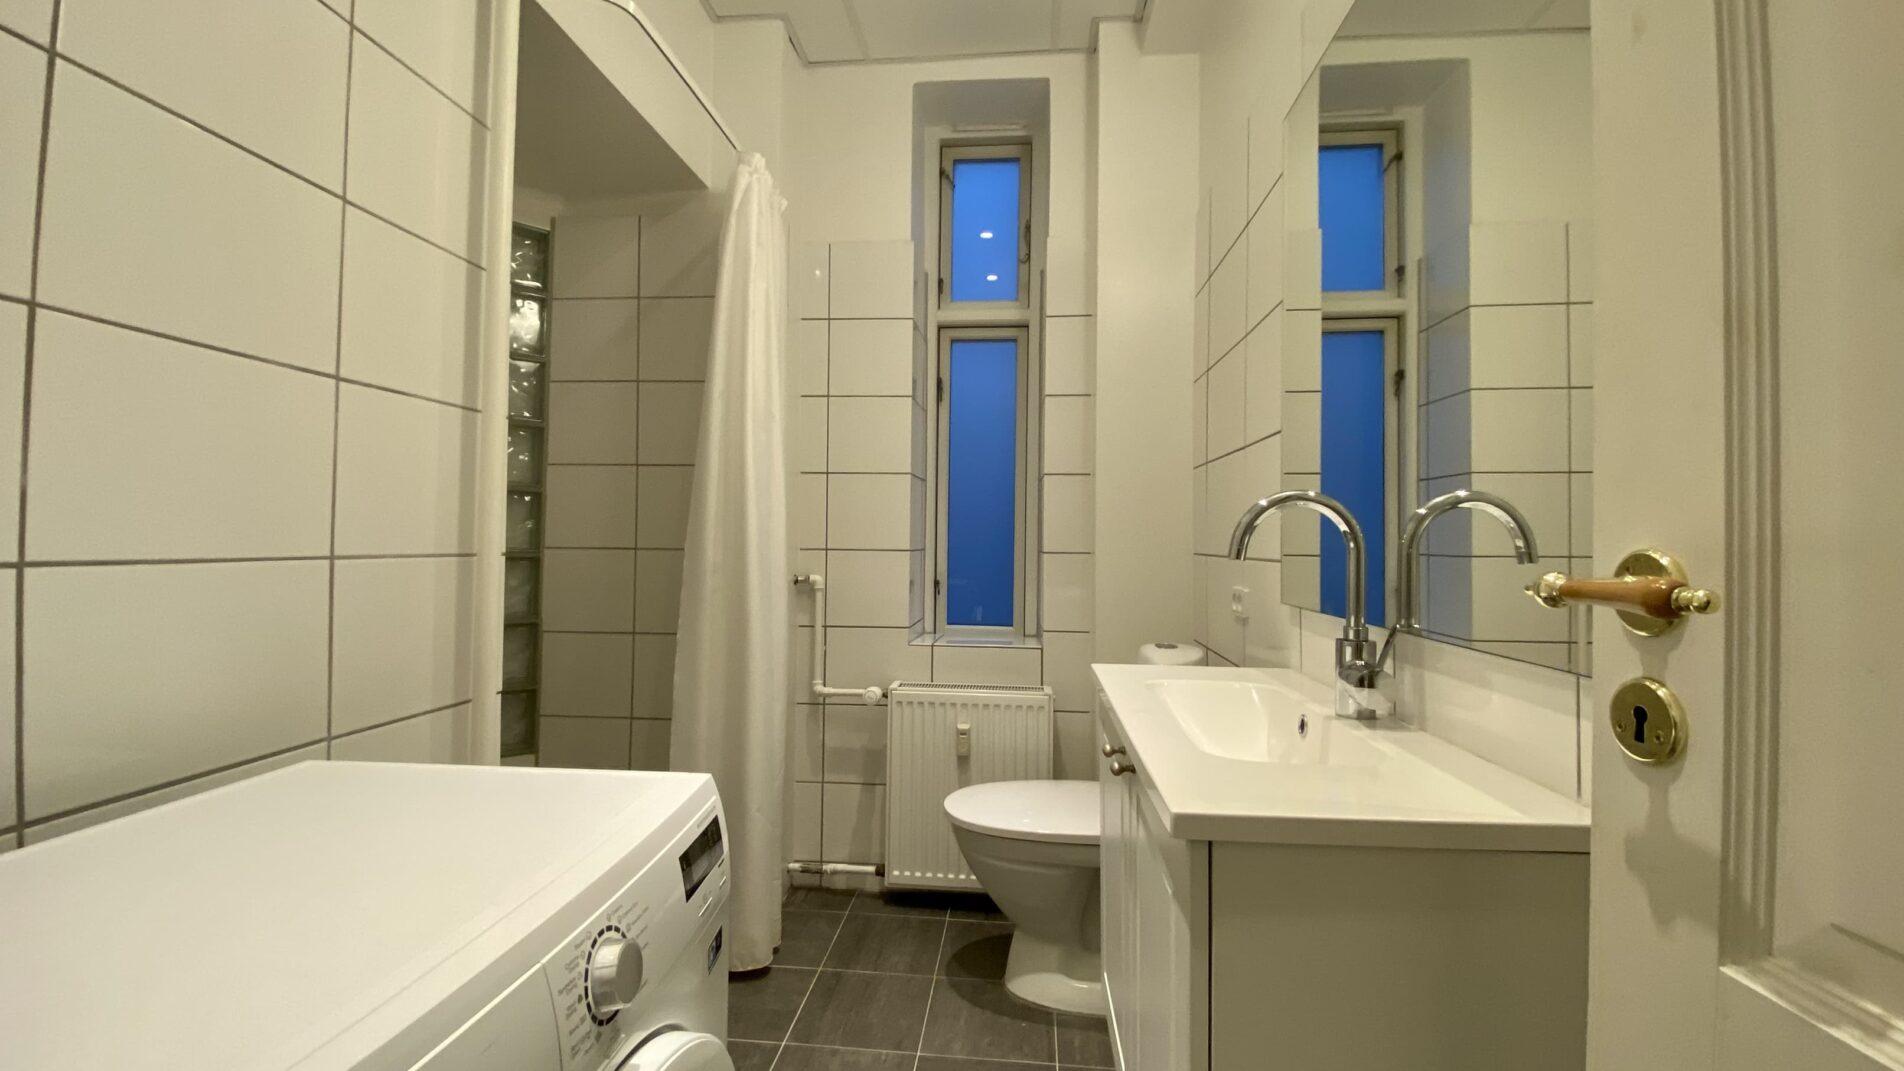 Bathroom-1904x1071